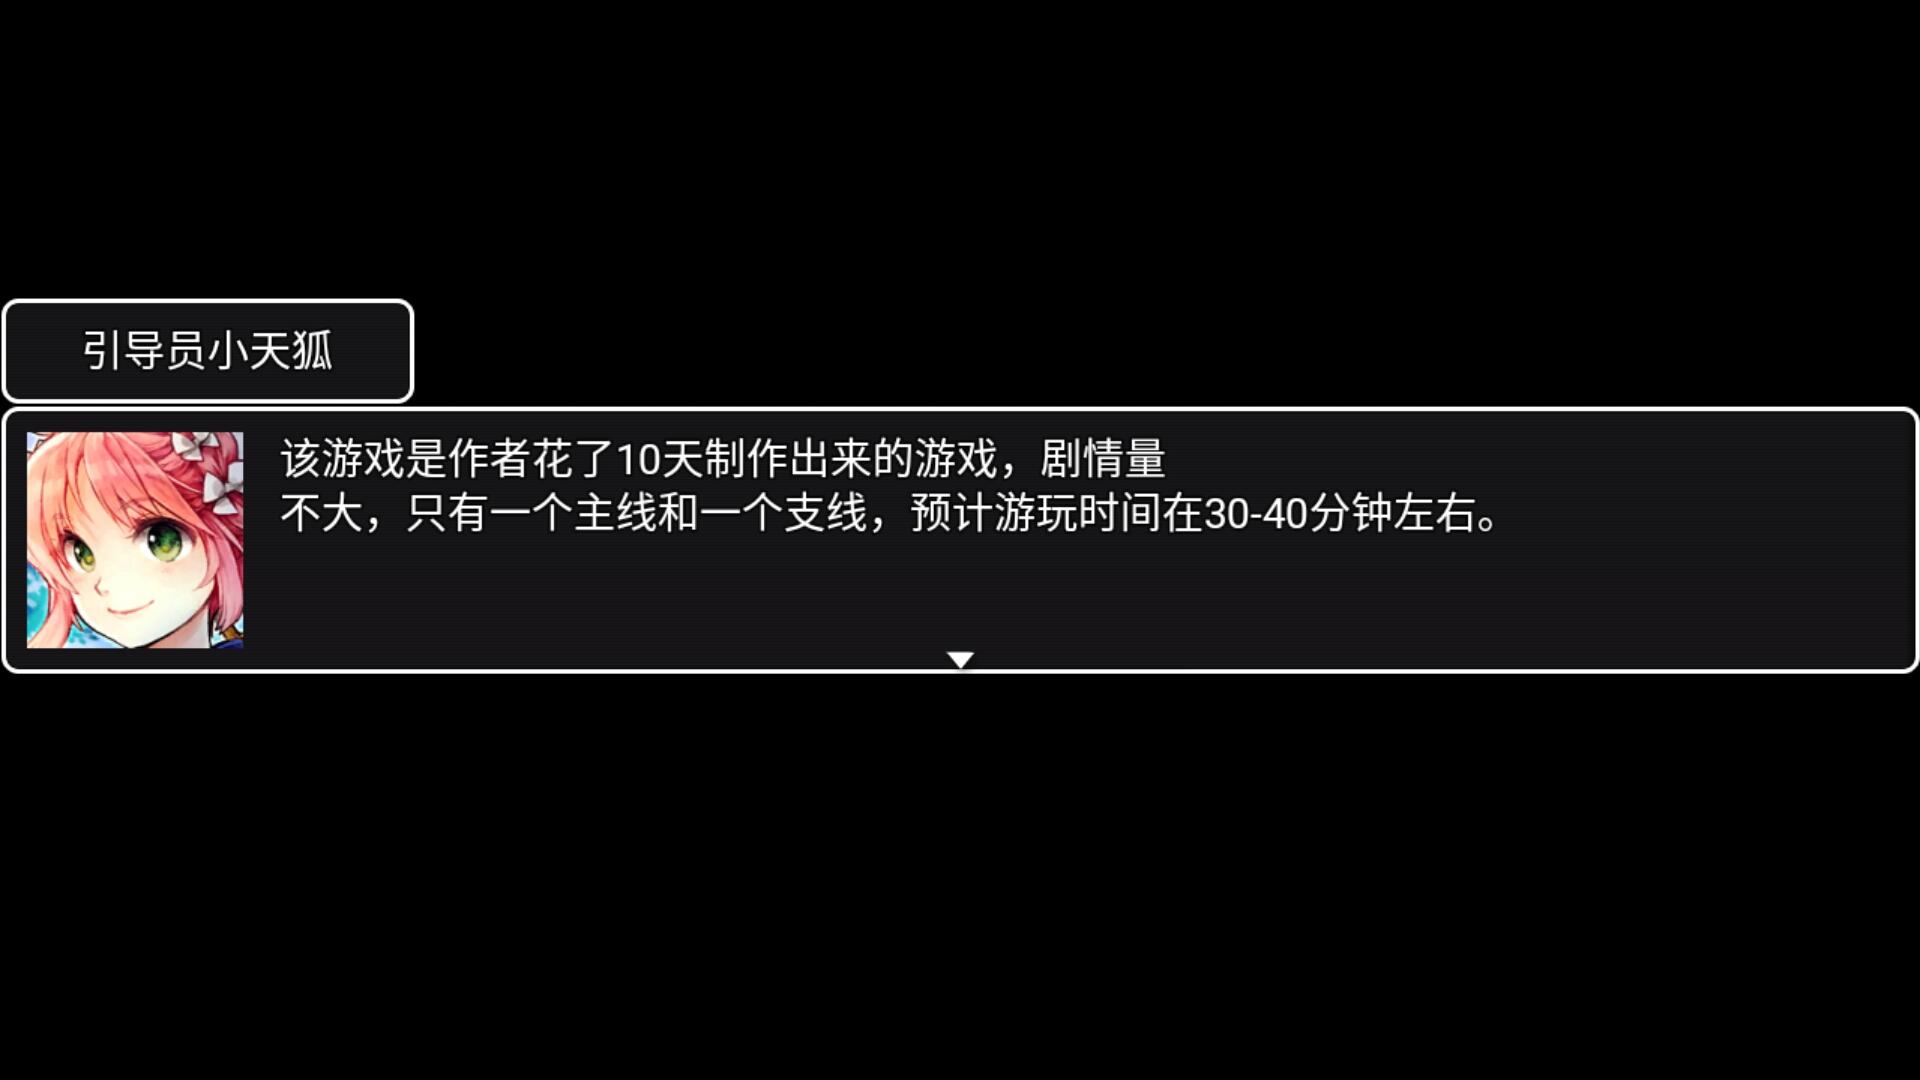 情怀默示录 v1.9.99a图